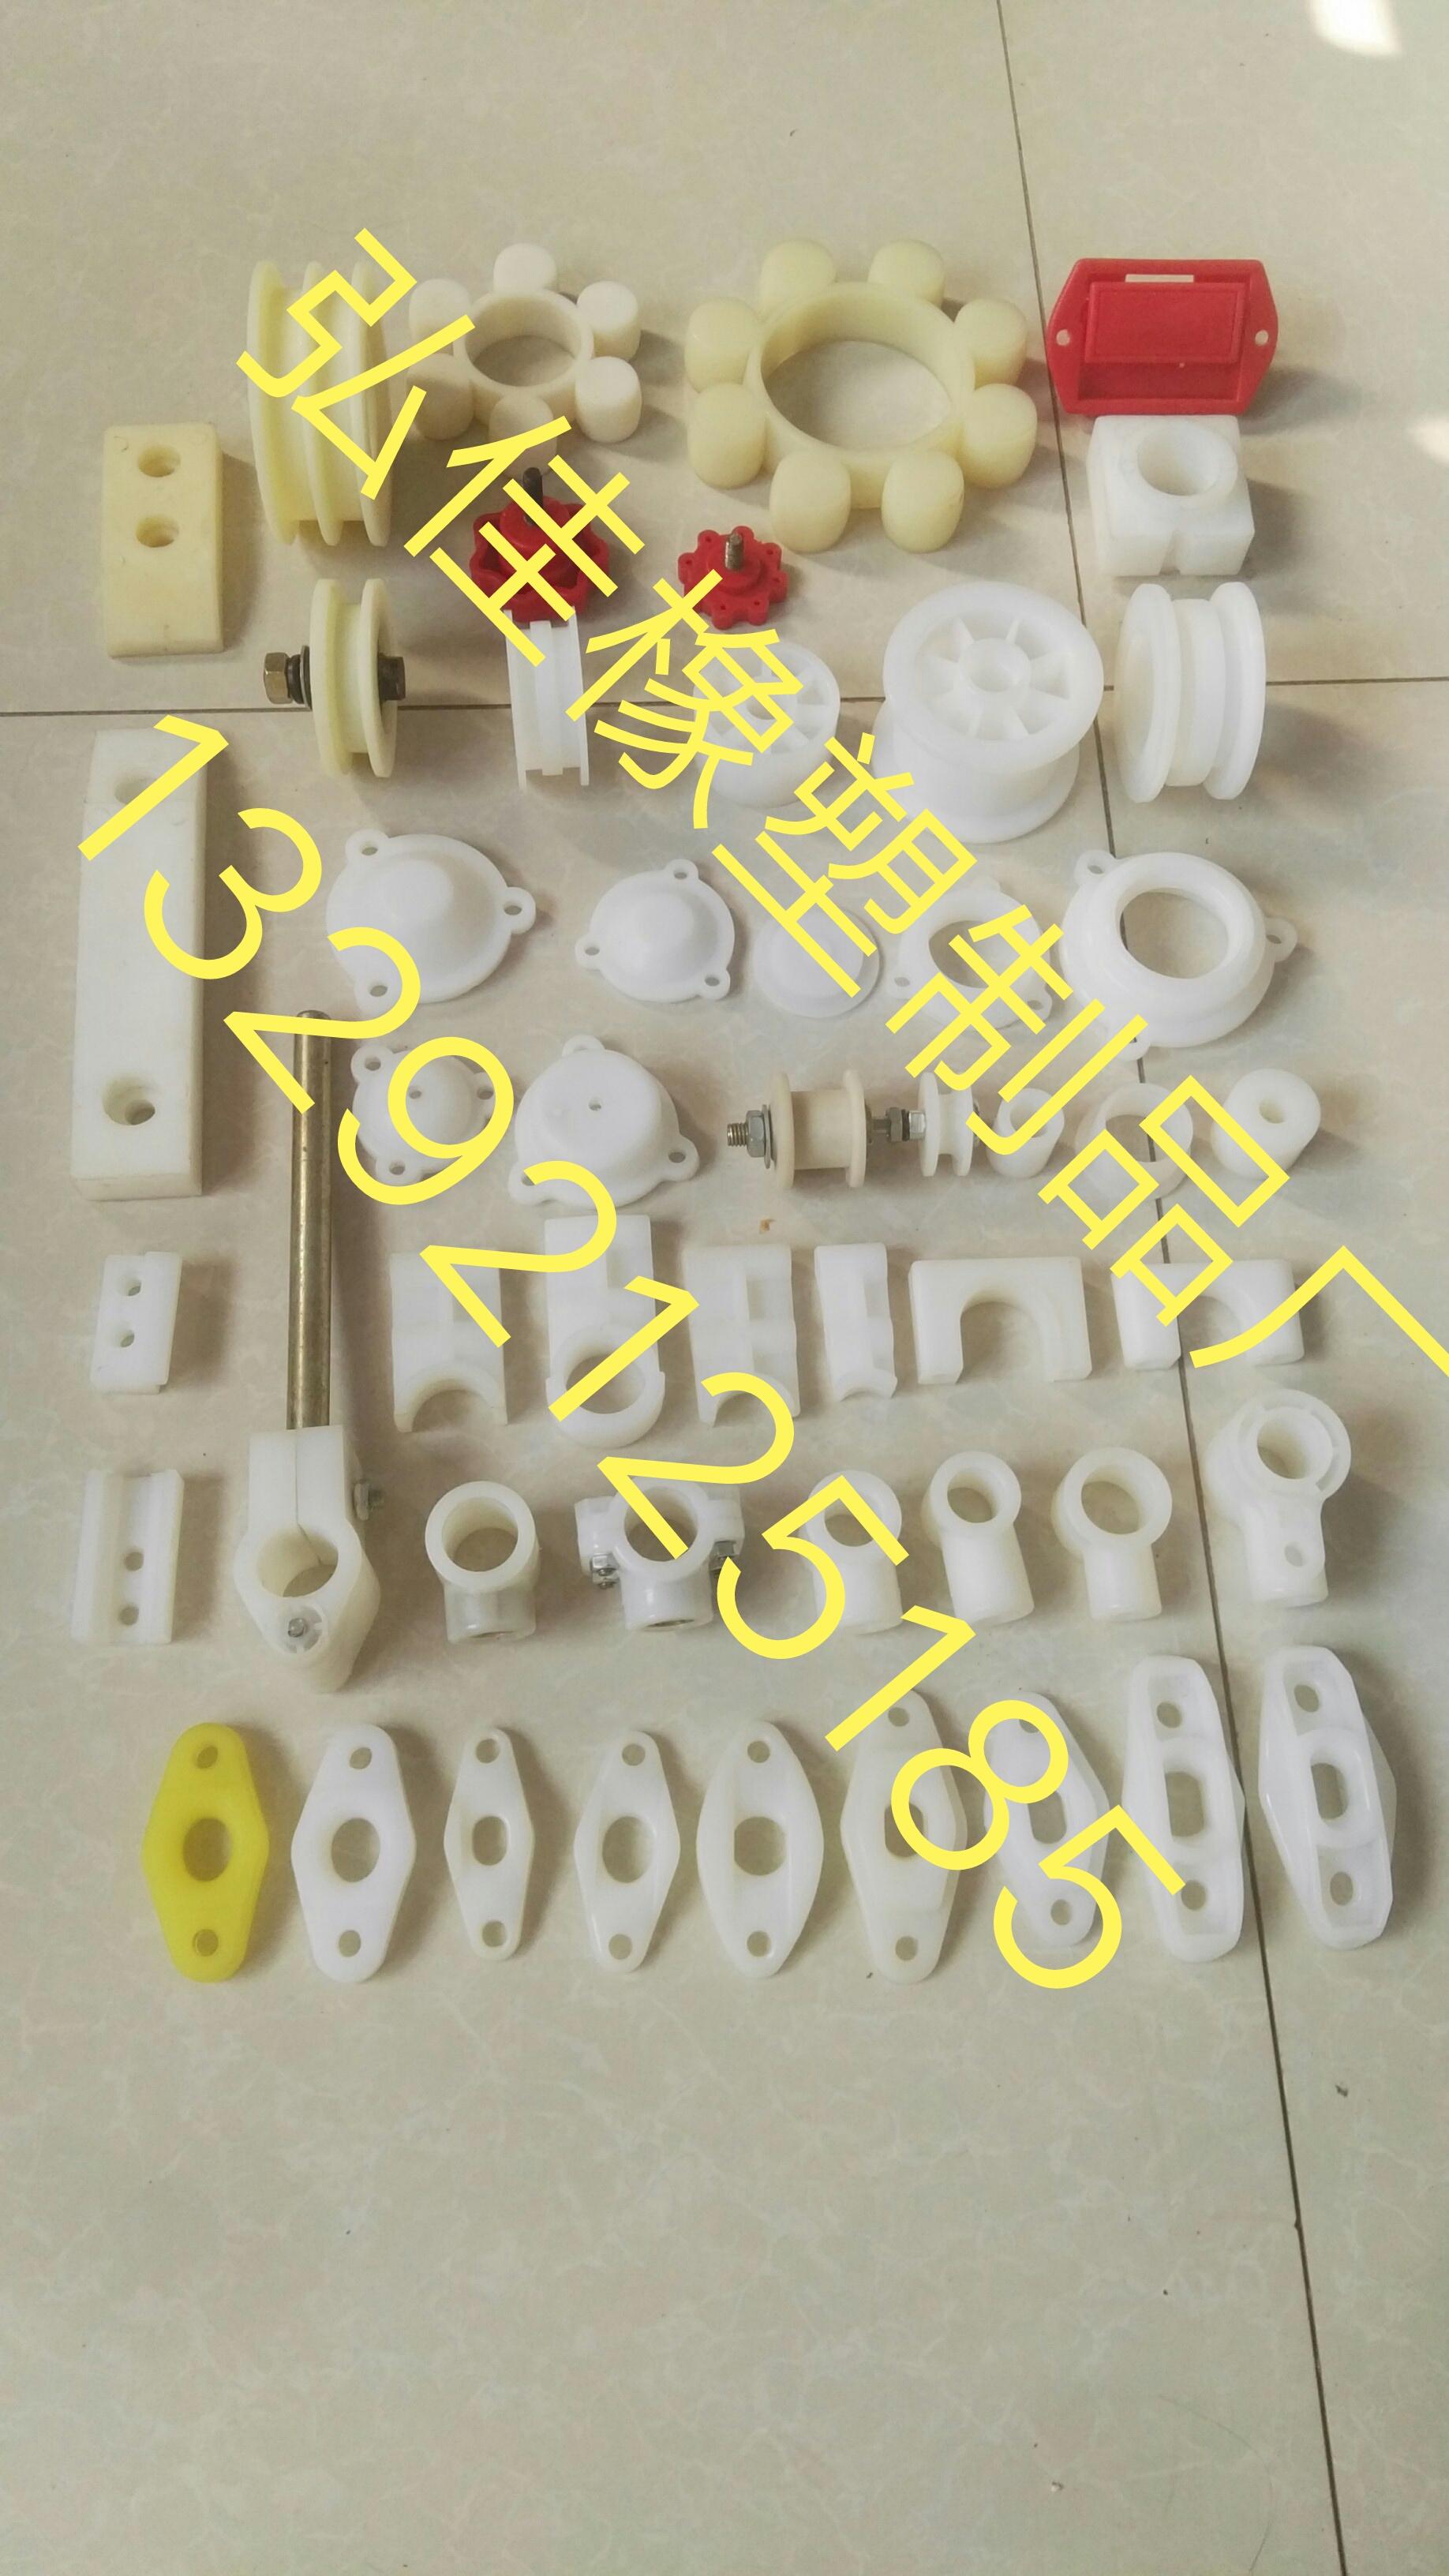 农业机械橡塑制品农机具橡塑制品